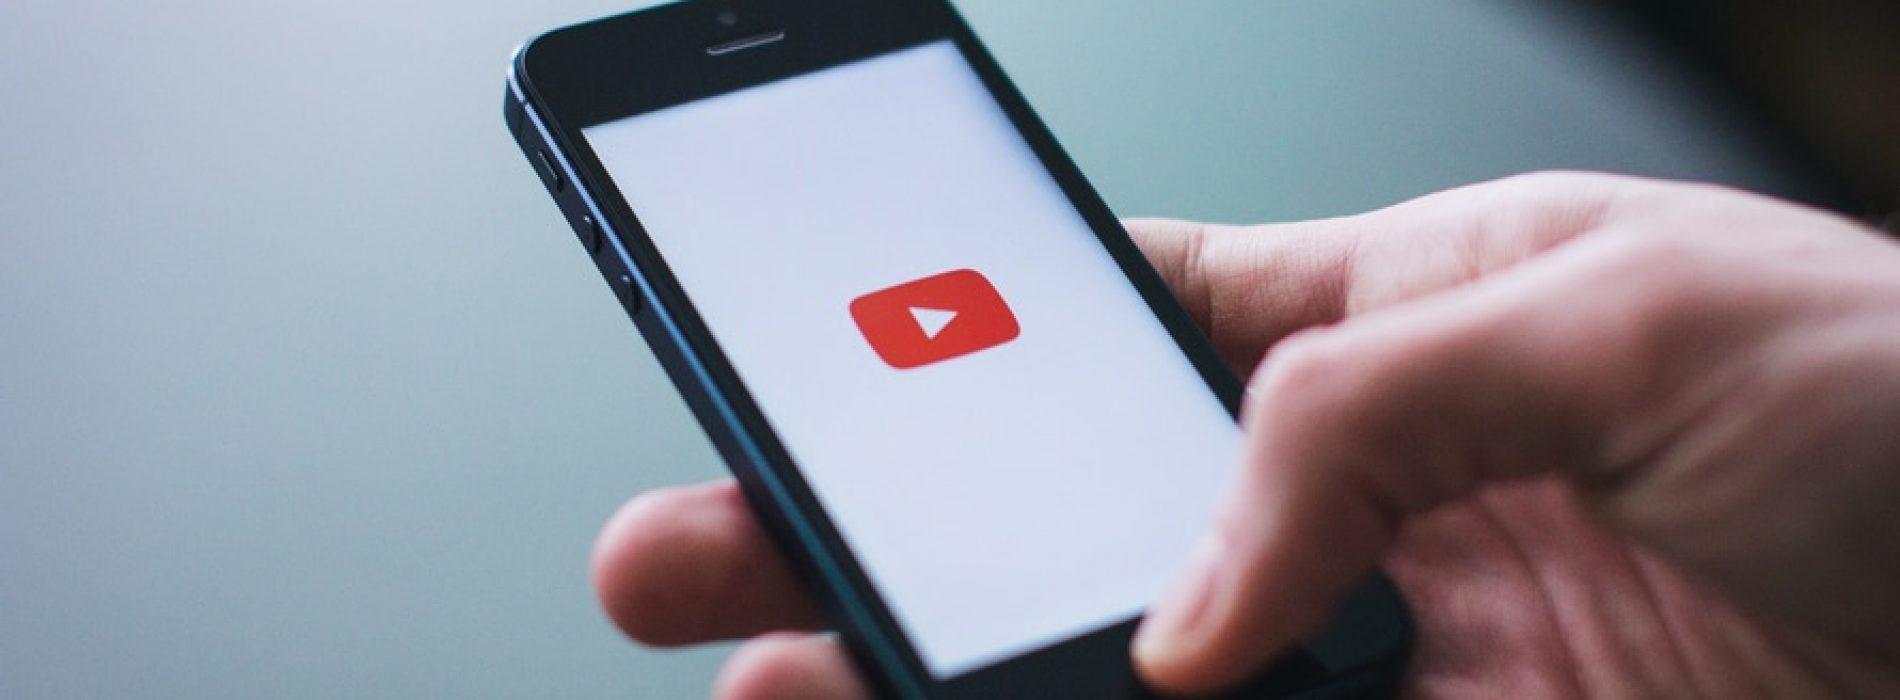 Как да използвате livestreaming, за да рекламирате бизнеса си?